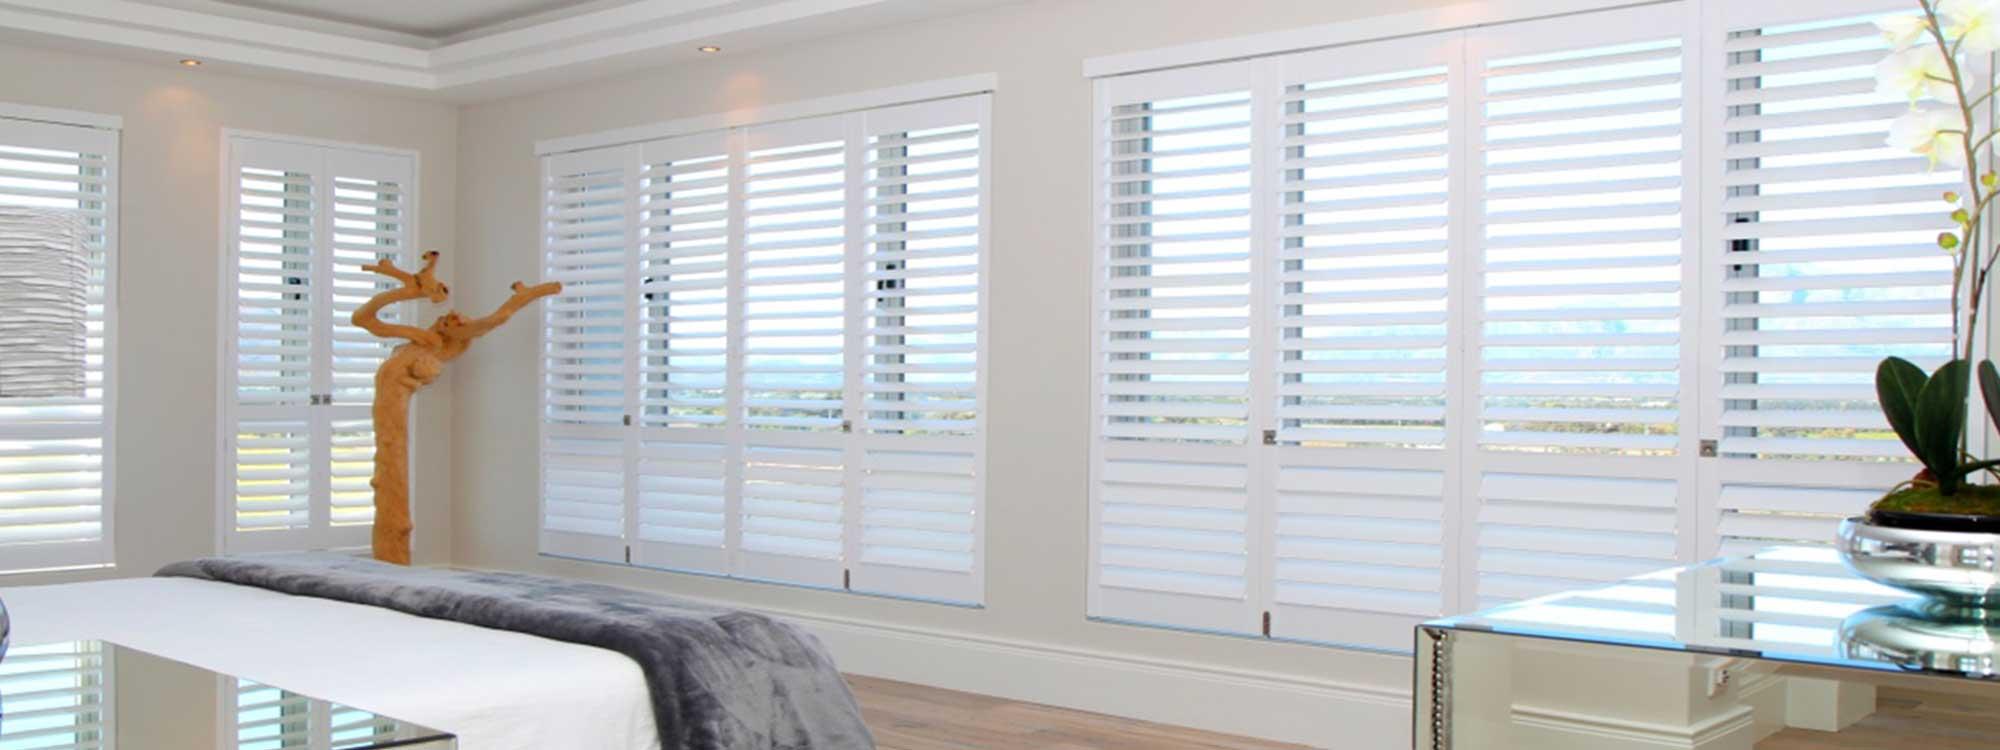 Decowood-shutters-bedroom-eco-mirror